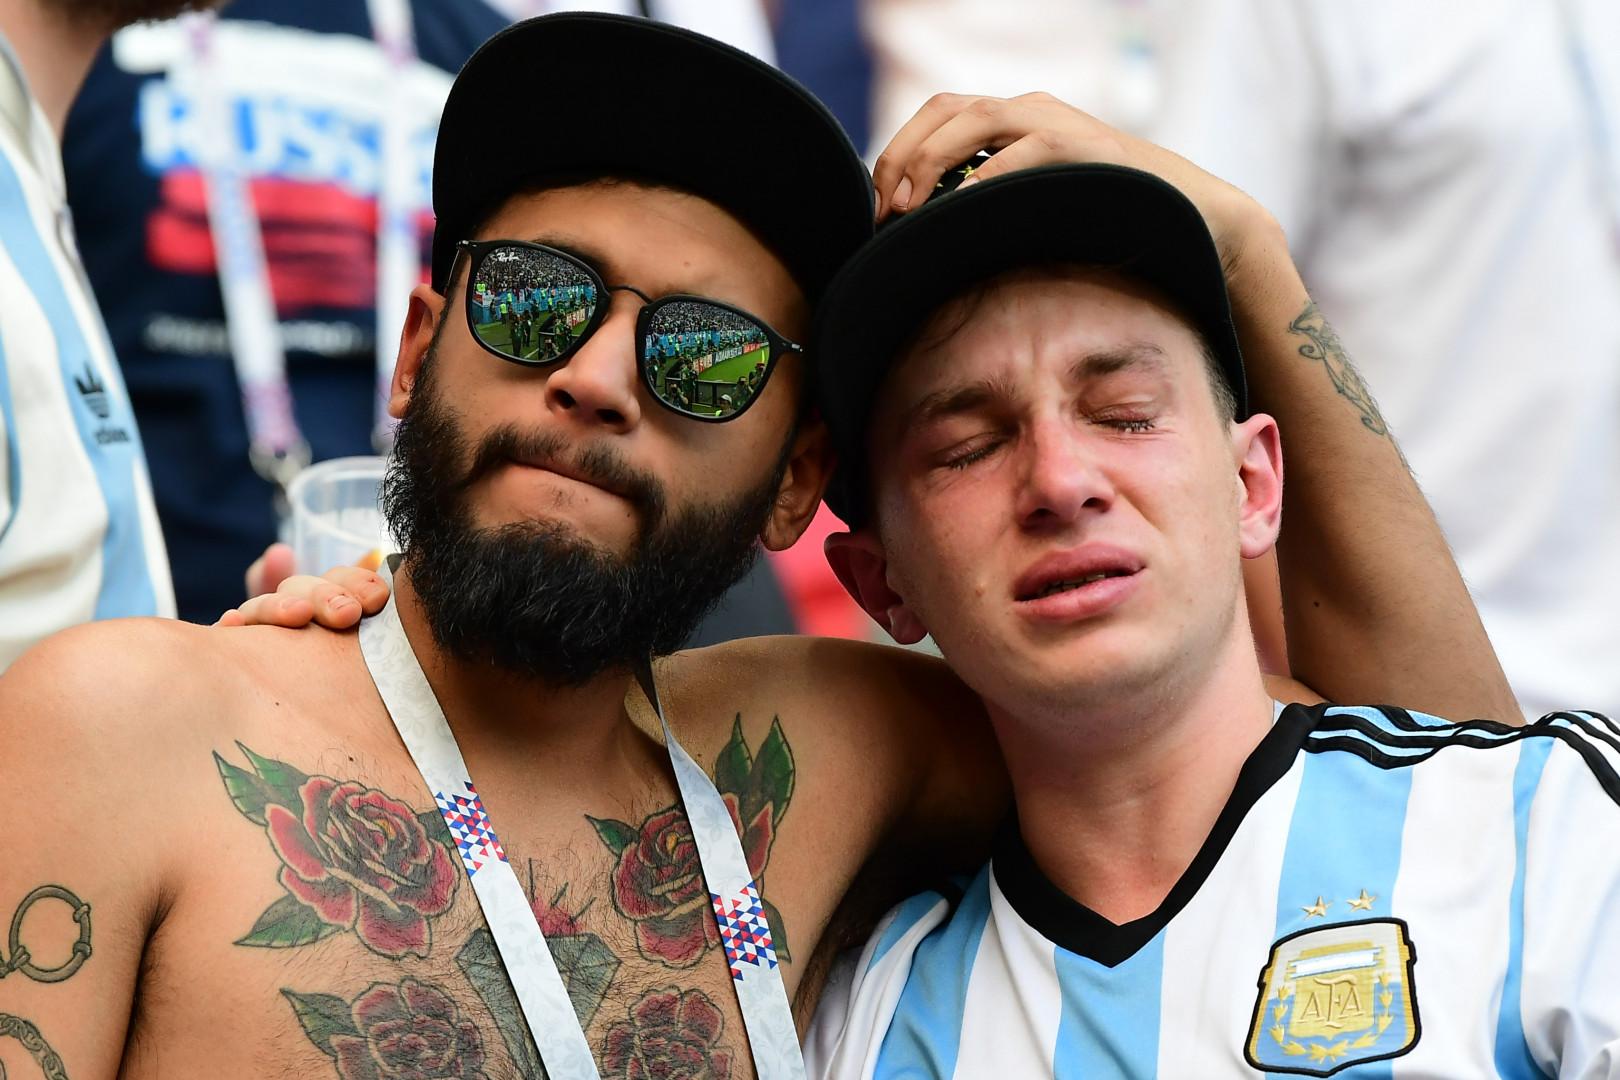 Le 30 juin, l'émotion était forte pour l'Argentine. Non seulement l'équipe n'a pas pu se qualifier contre la France, mais ses supporters ont pleuré la probable dernière opportunité pour Lionel Messi de remporter la Coupe du Monde.